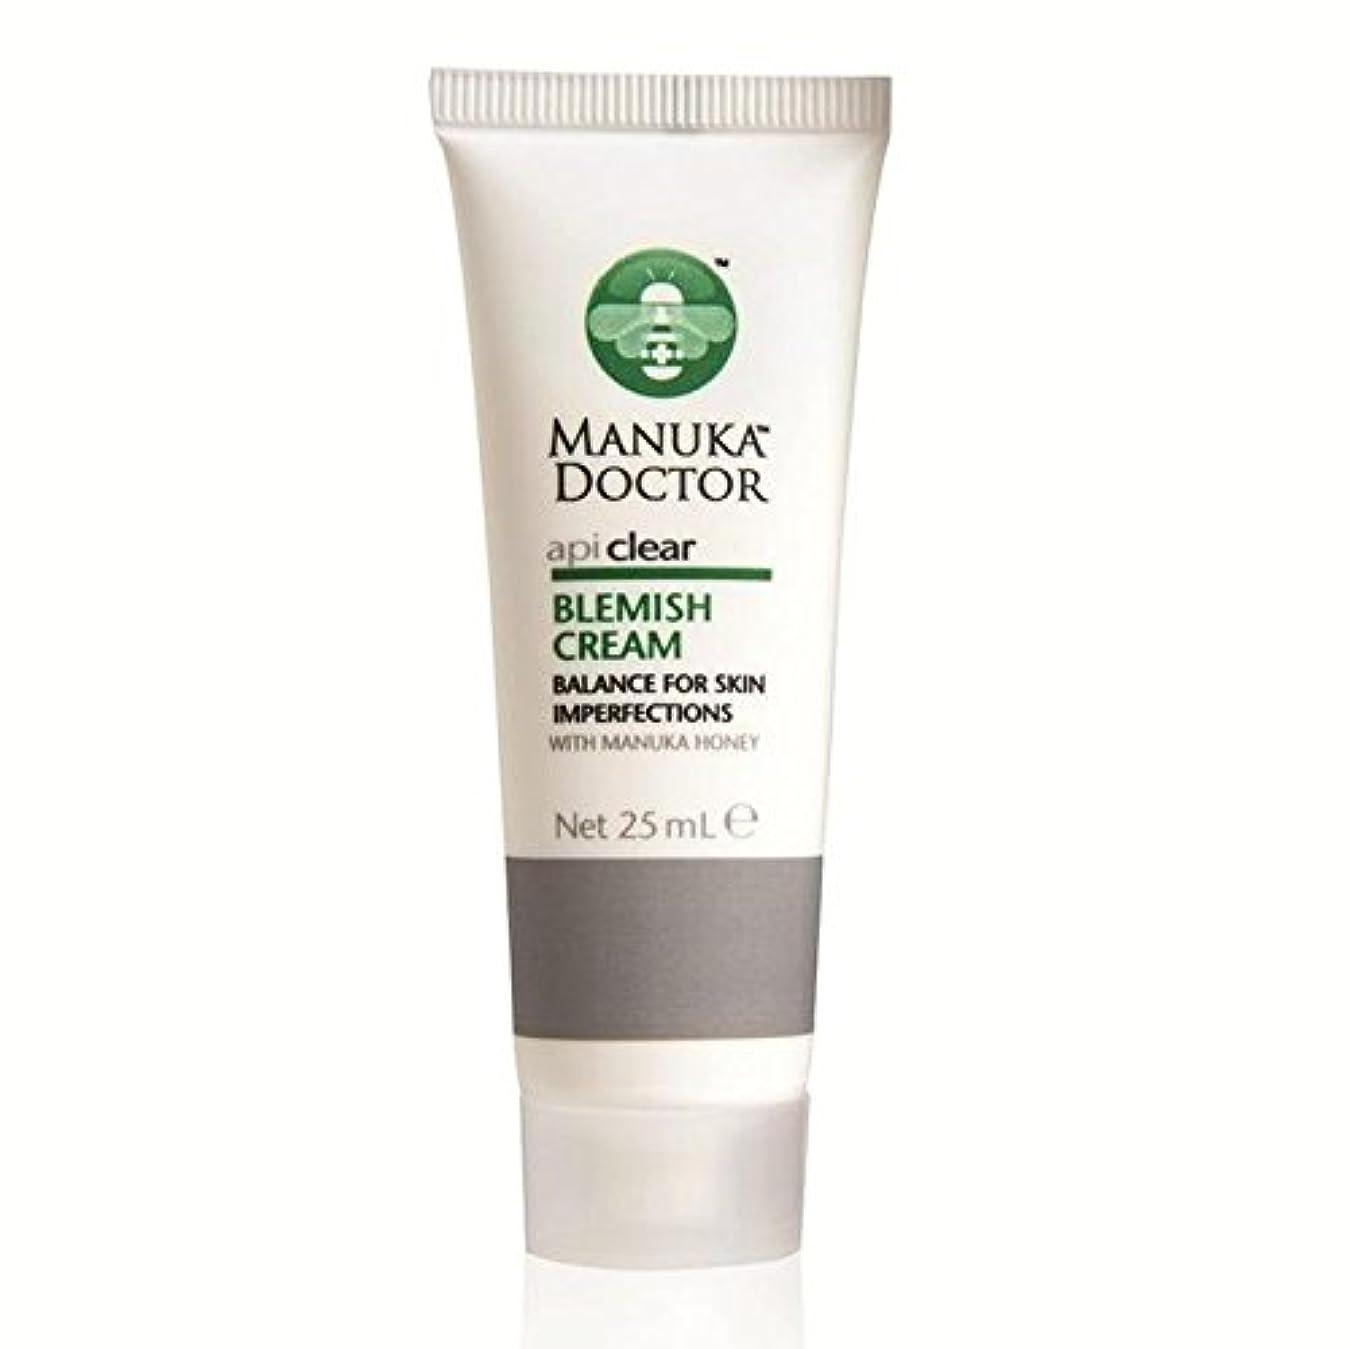 炎上純粋な作家マヌカドクター明確な傷クリーム25ミリリットル x4 - Manuka Doctor Api Clear Blemish Cream 25ml (Pack of 4) [並行輸入品]